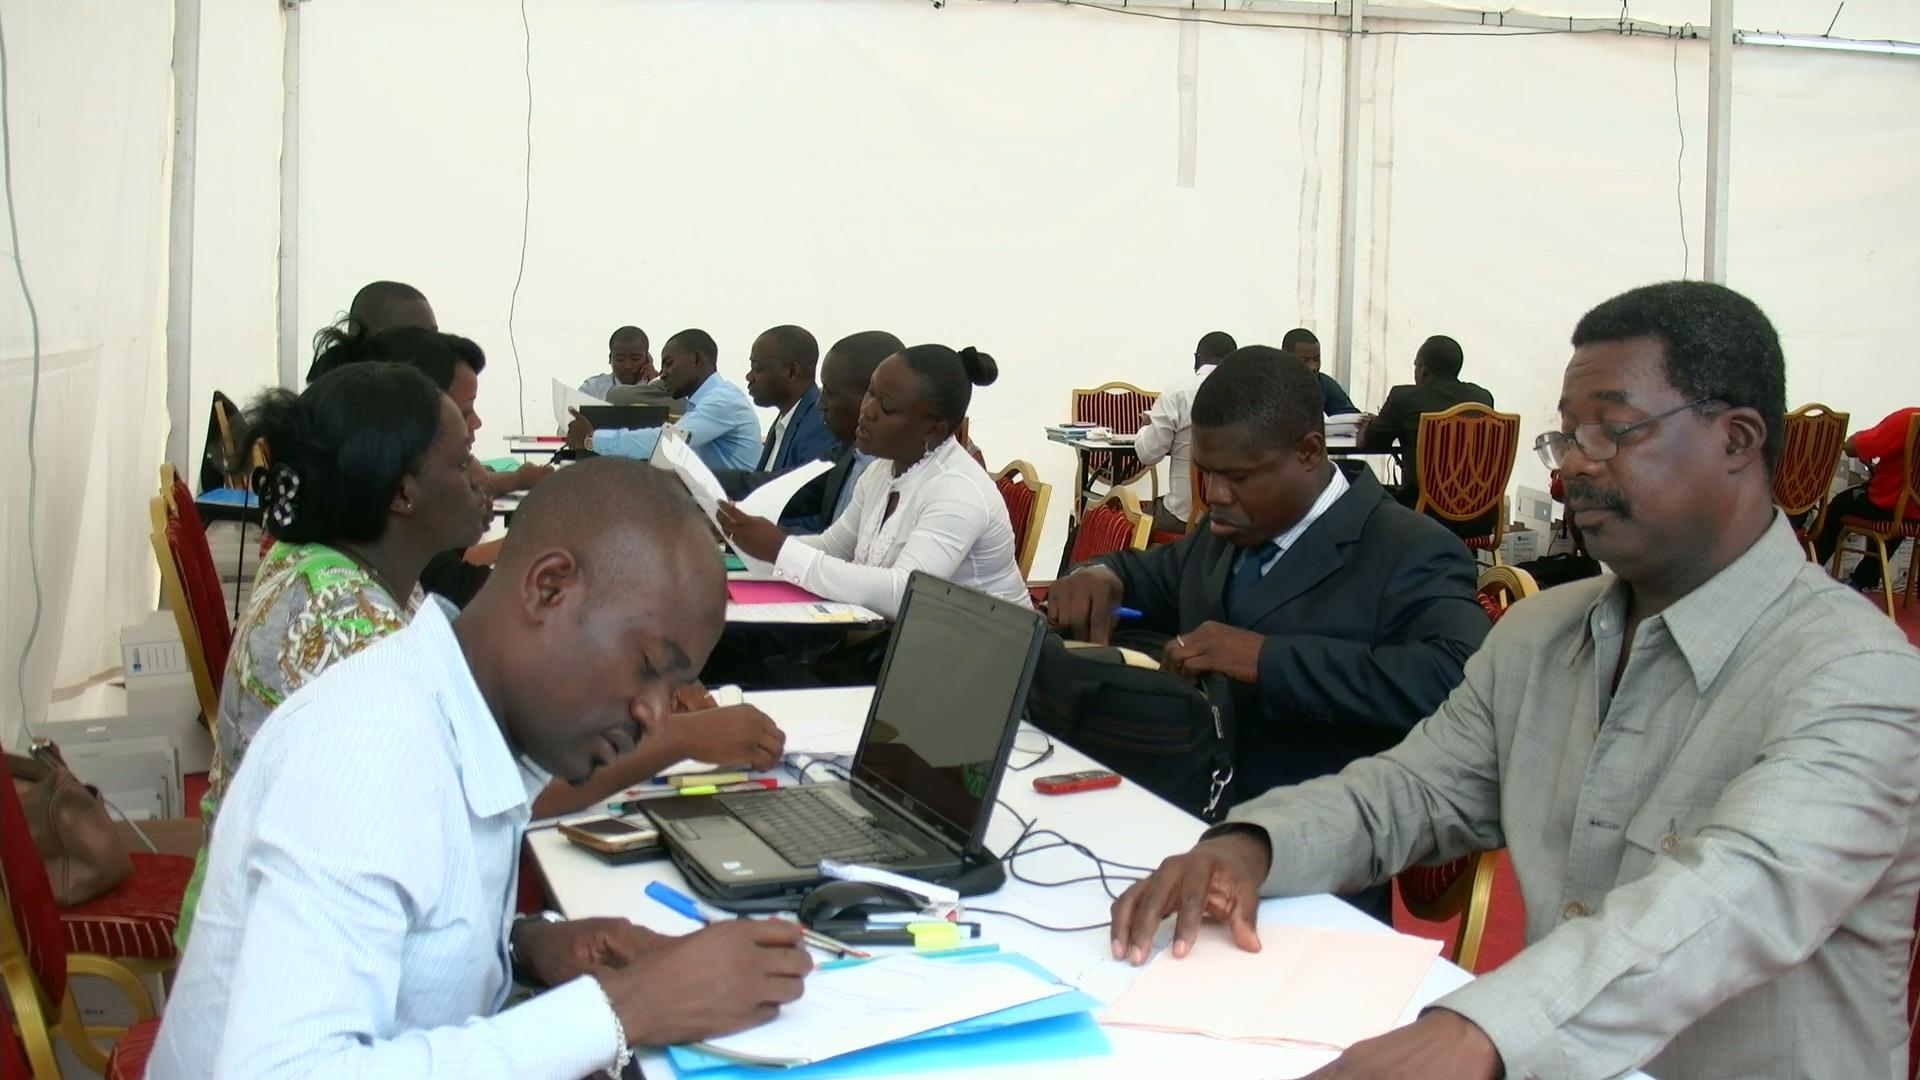 Recensement des agents publics : le gouvernement promet de publier les résultats